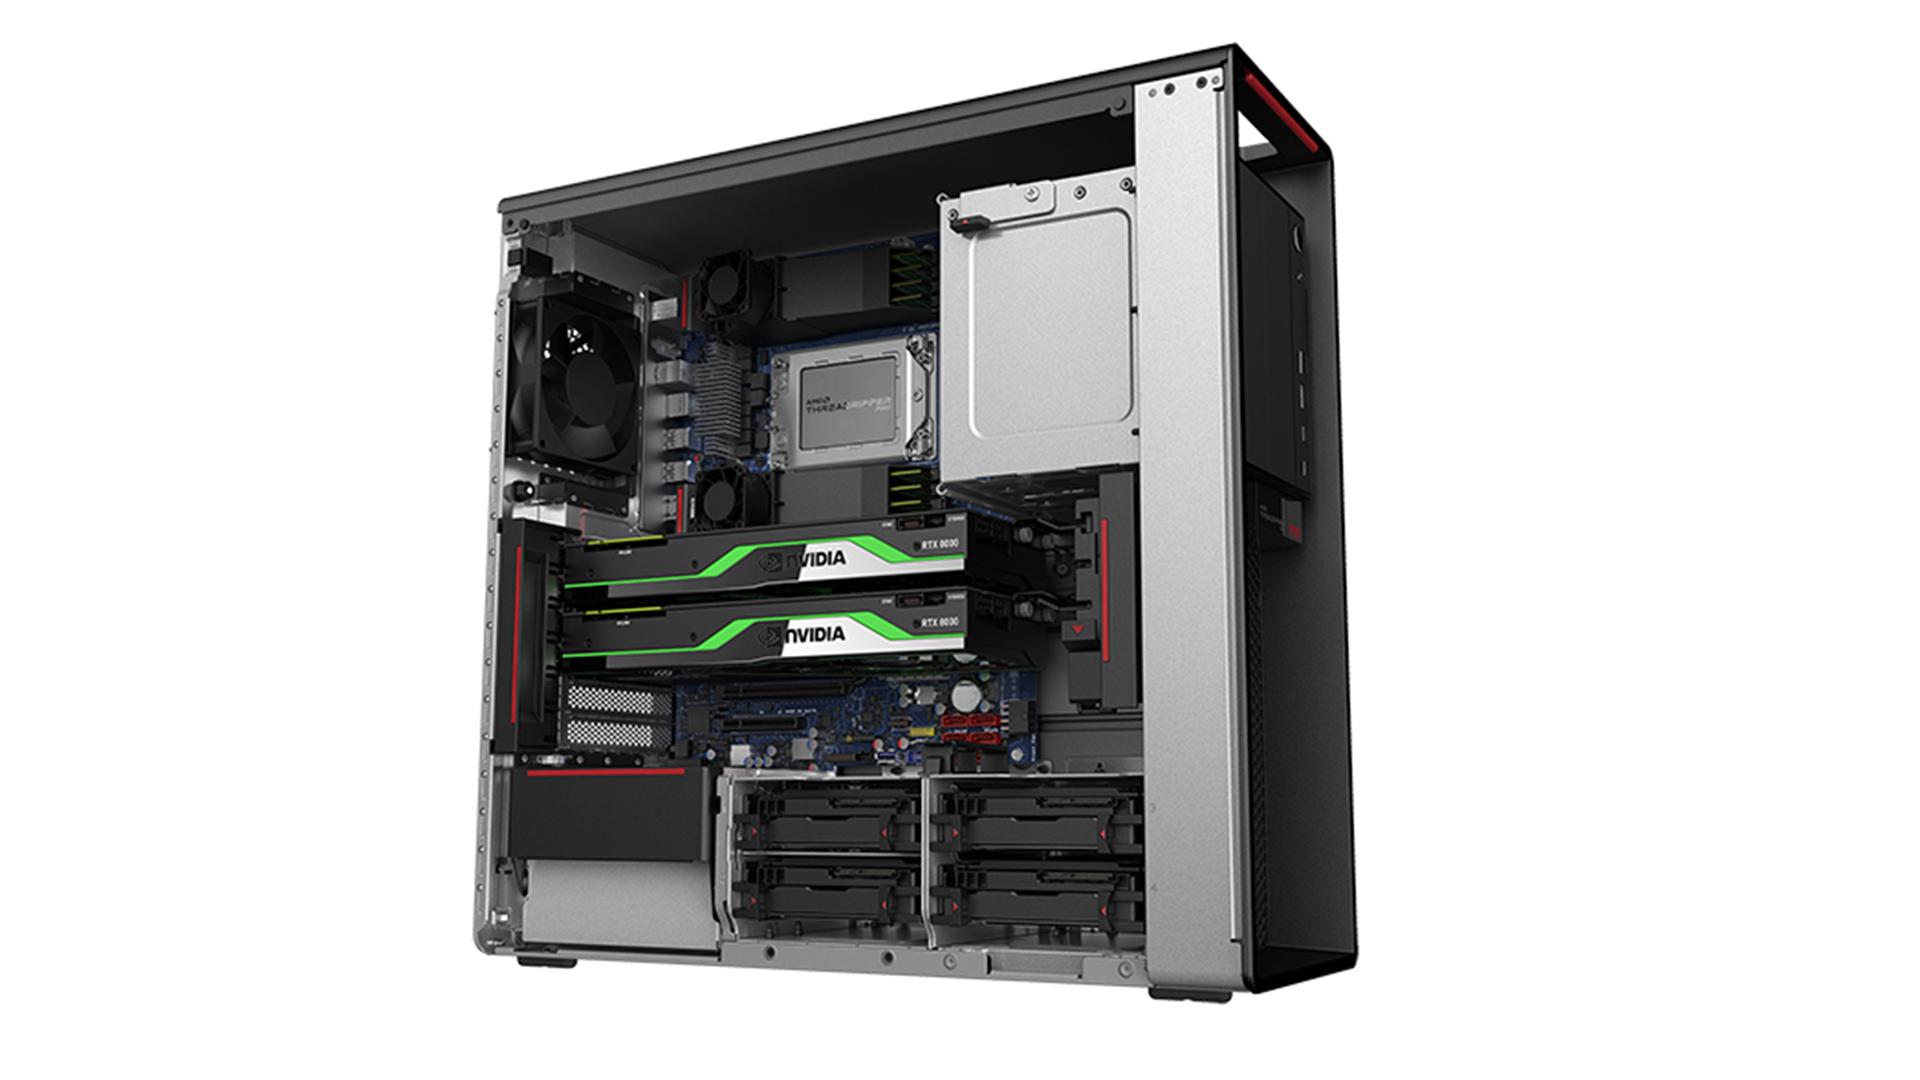 Ryzen Threadripper Pro CPUs